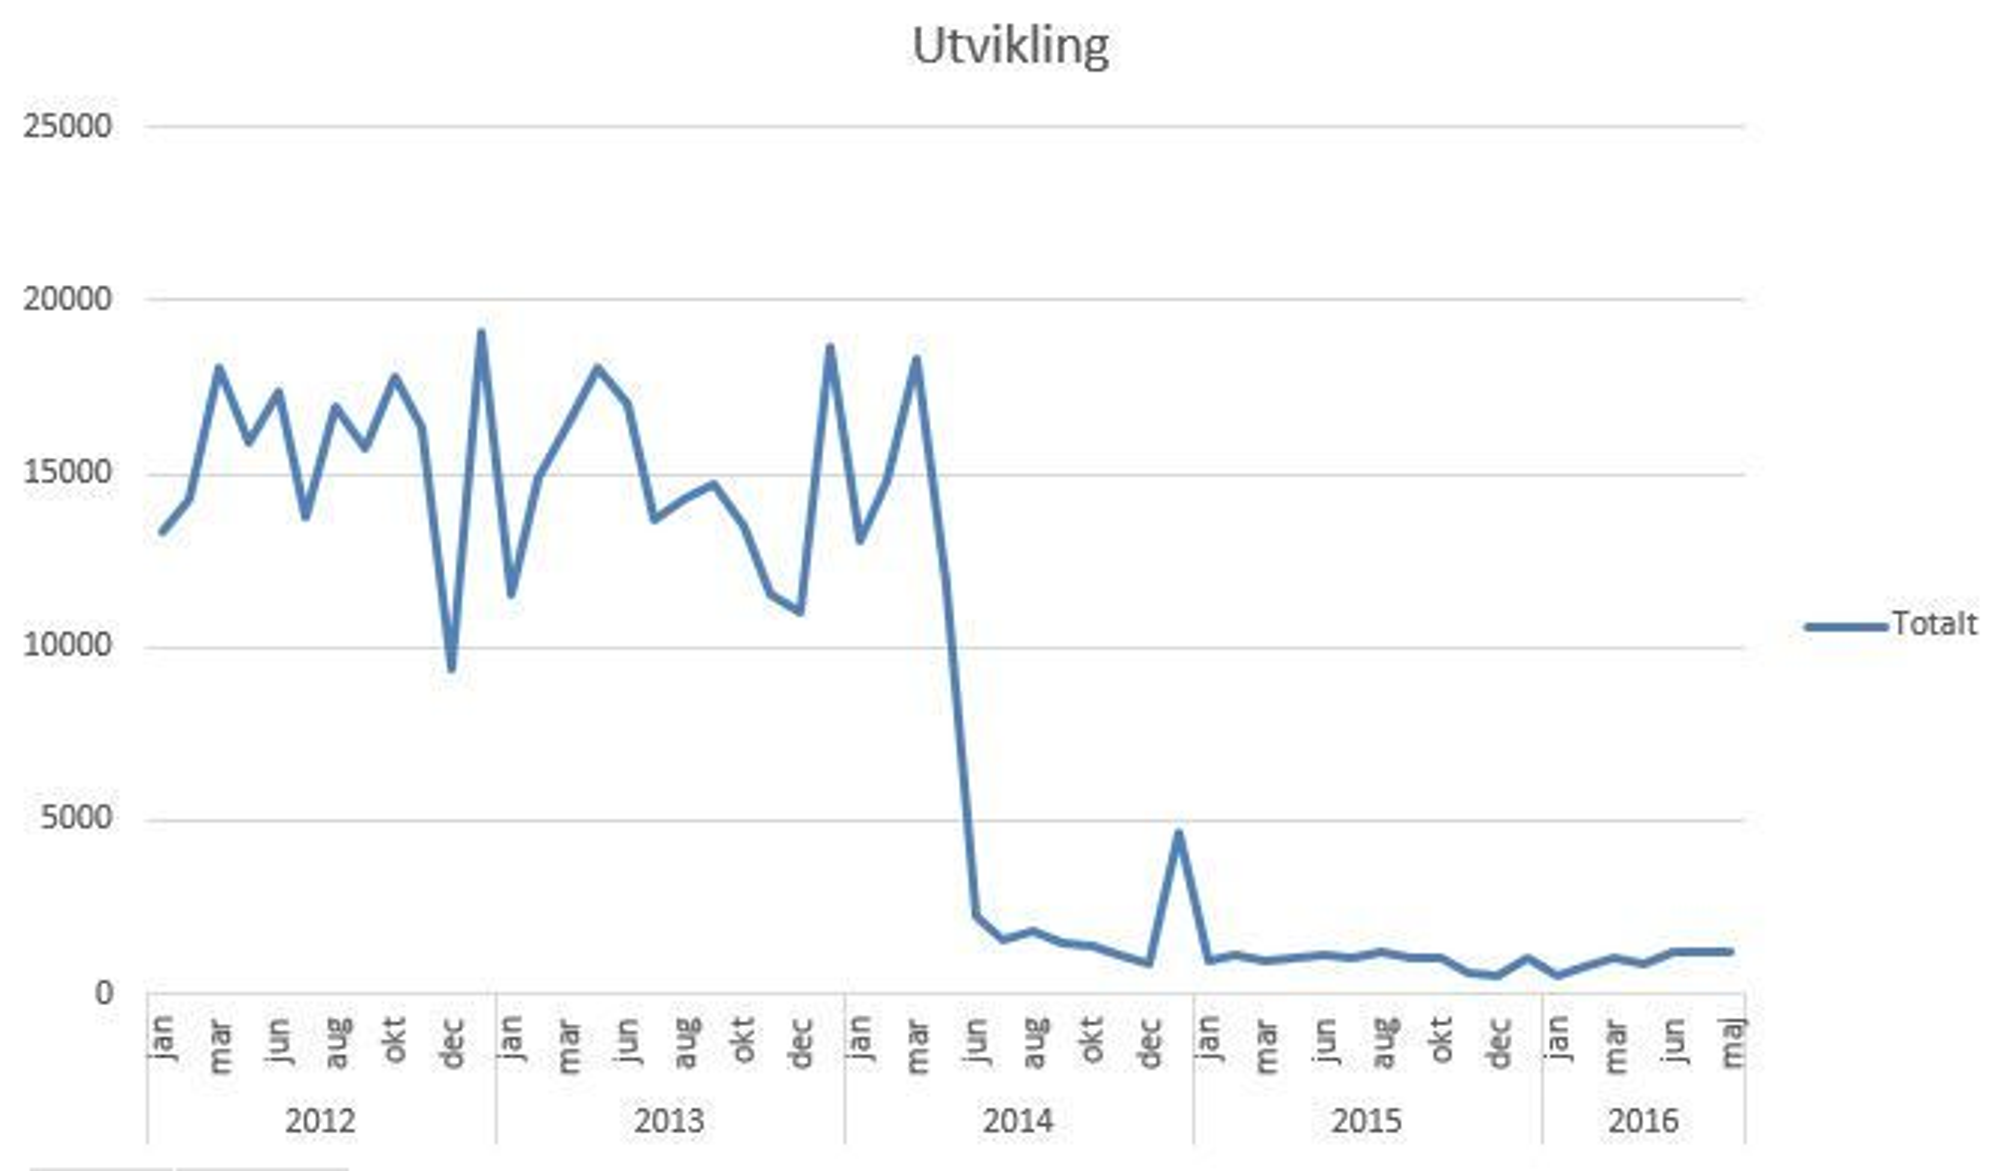 Vesentlig forskjell: Før fire fallemmer ble montert i feltene for betalingsbrikker i 2014, kjørte i snitt 15.000 biler gjennom det nordgående betalingsområdet til Øresundsbroen i over 40 km/t. Nå er tallet rundt 1200 i måneden. Fartsgrensen er 30 km/t.